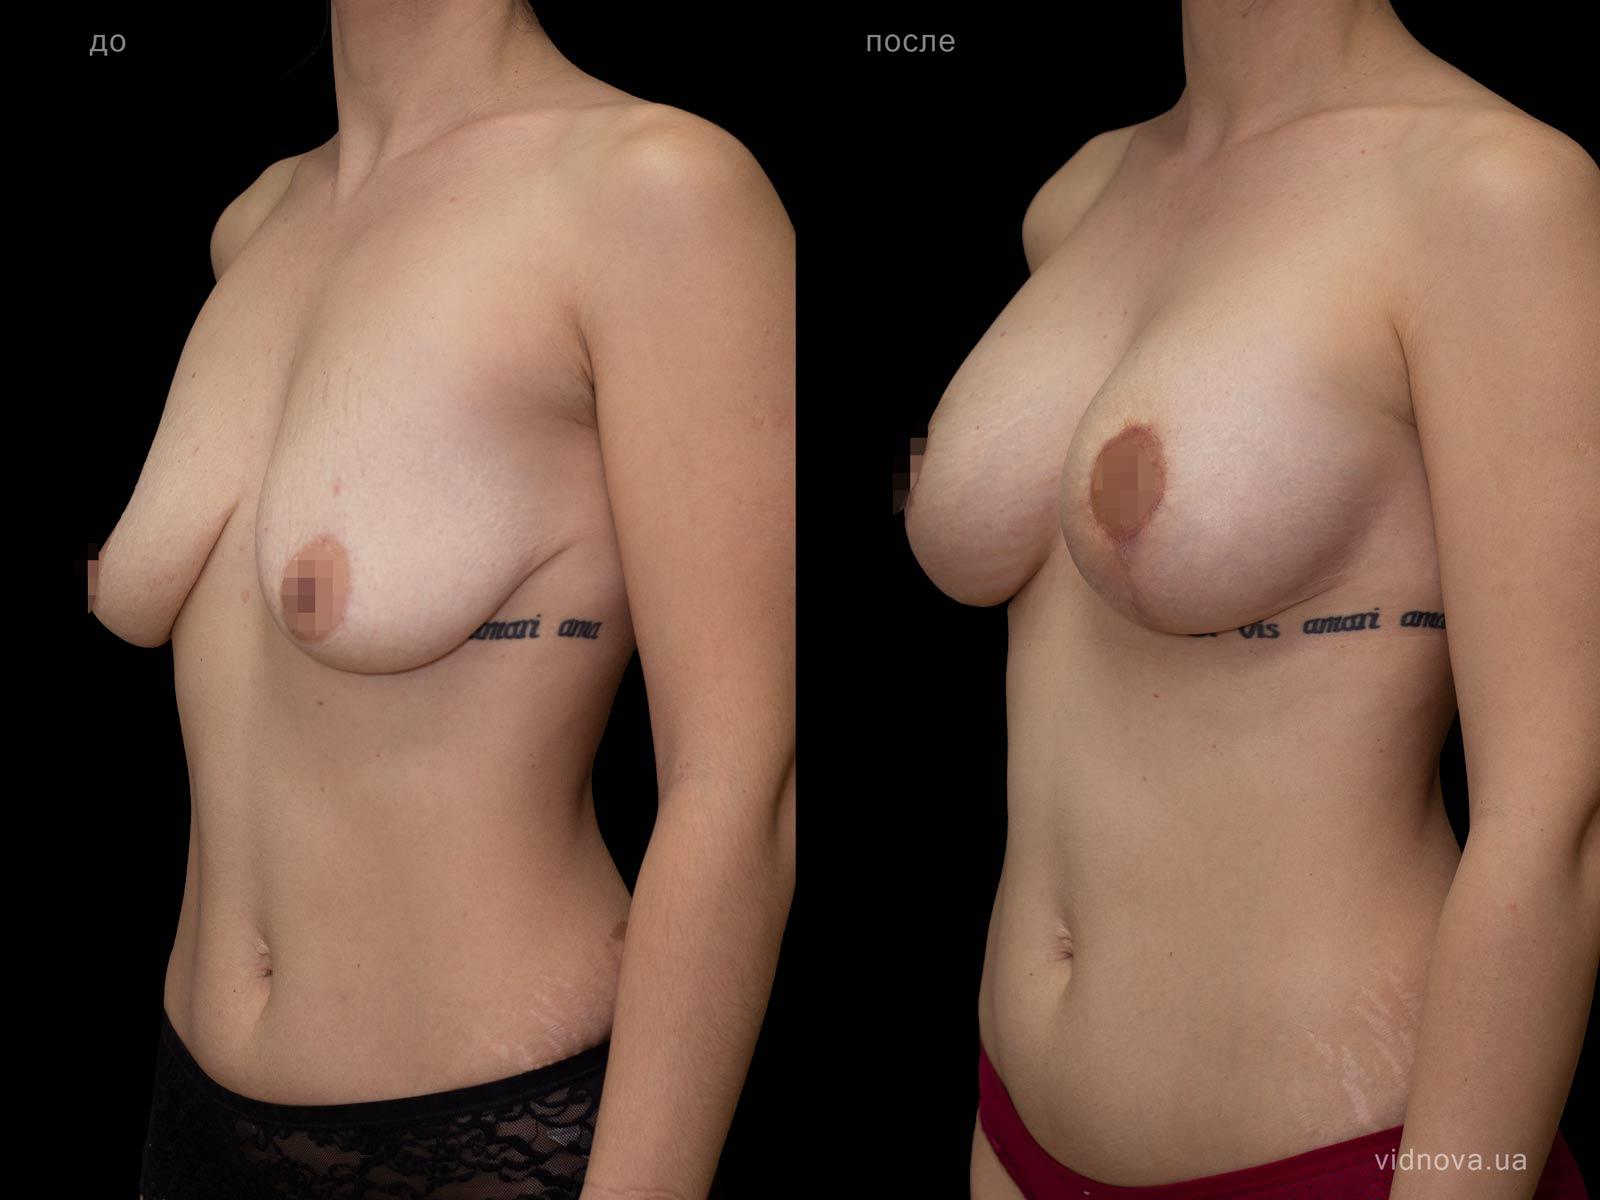 Пластика груди: результаты до и после - Пример №84-1 - Светлана Работенко